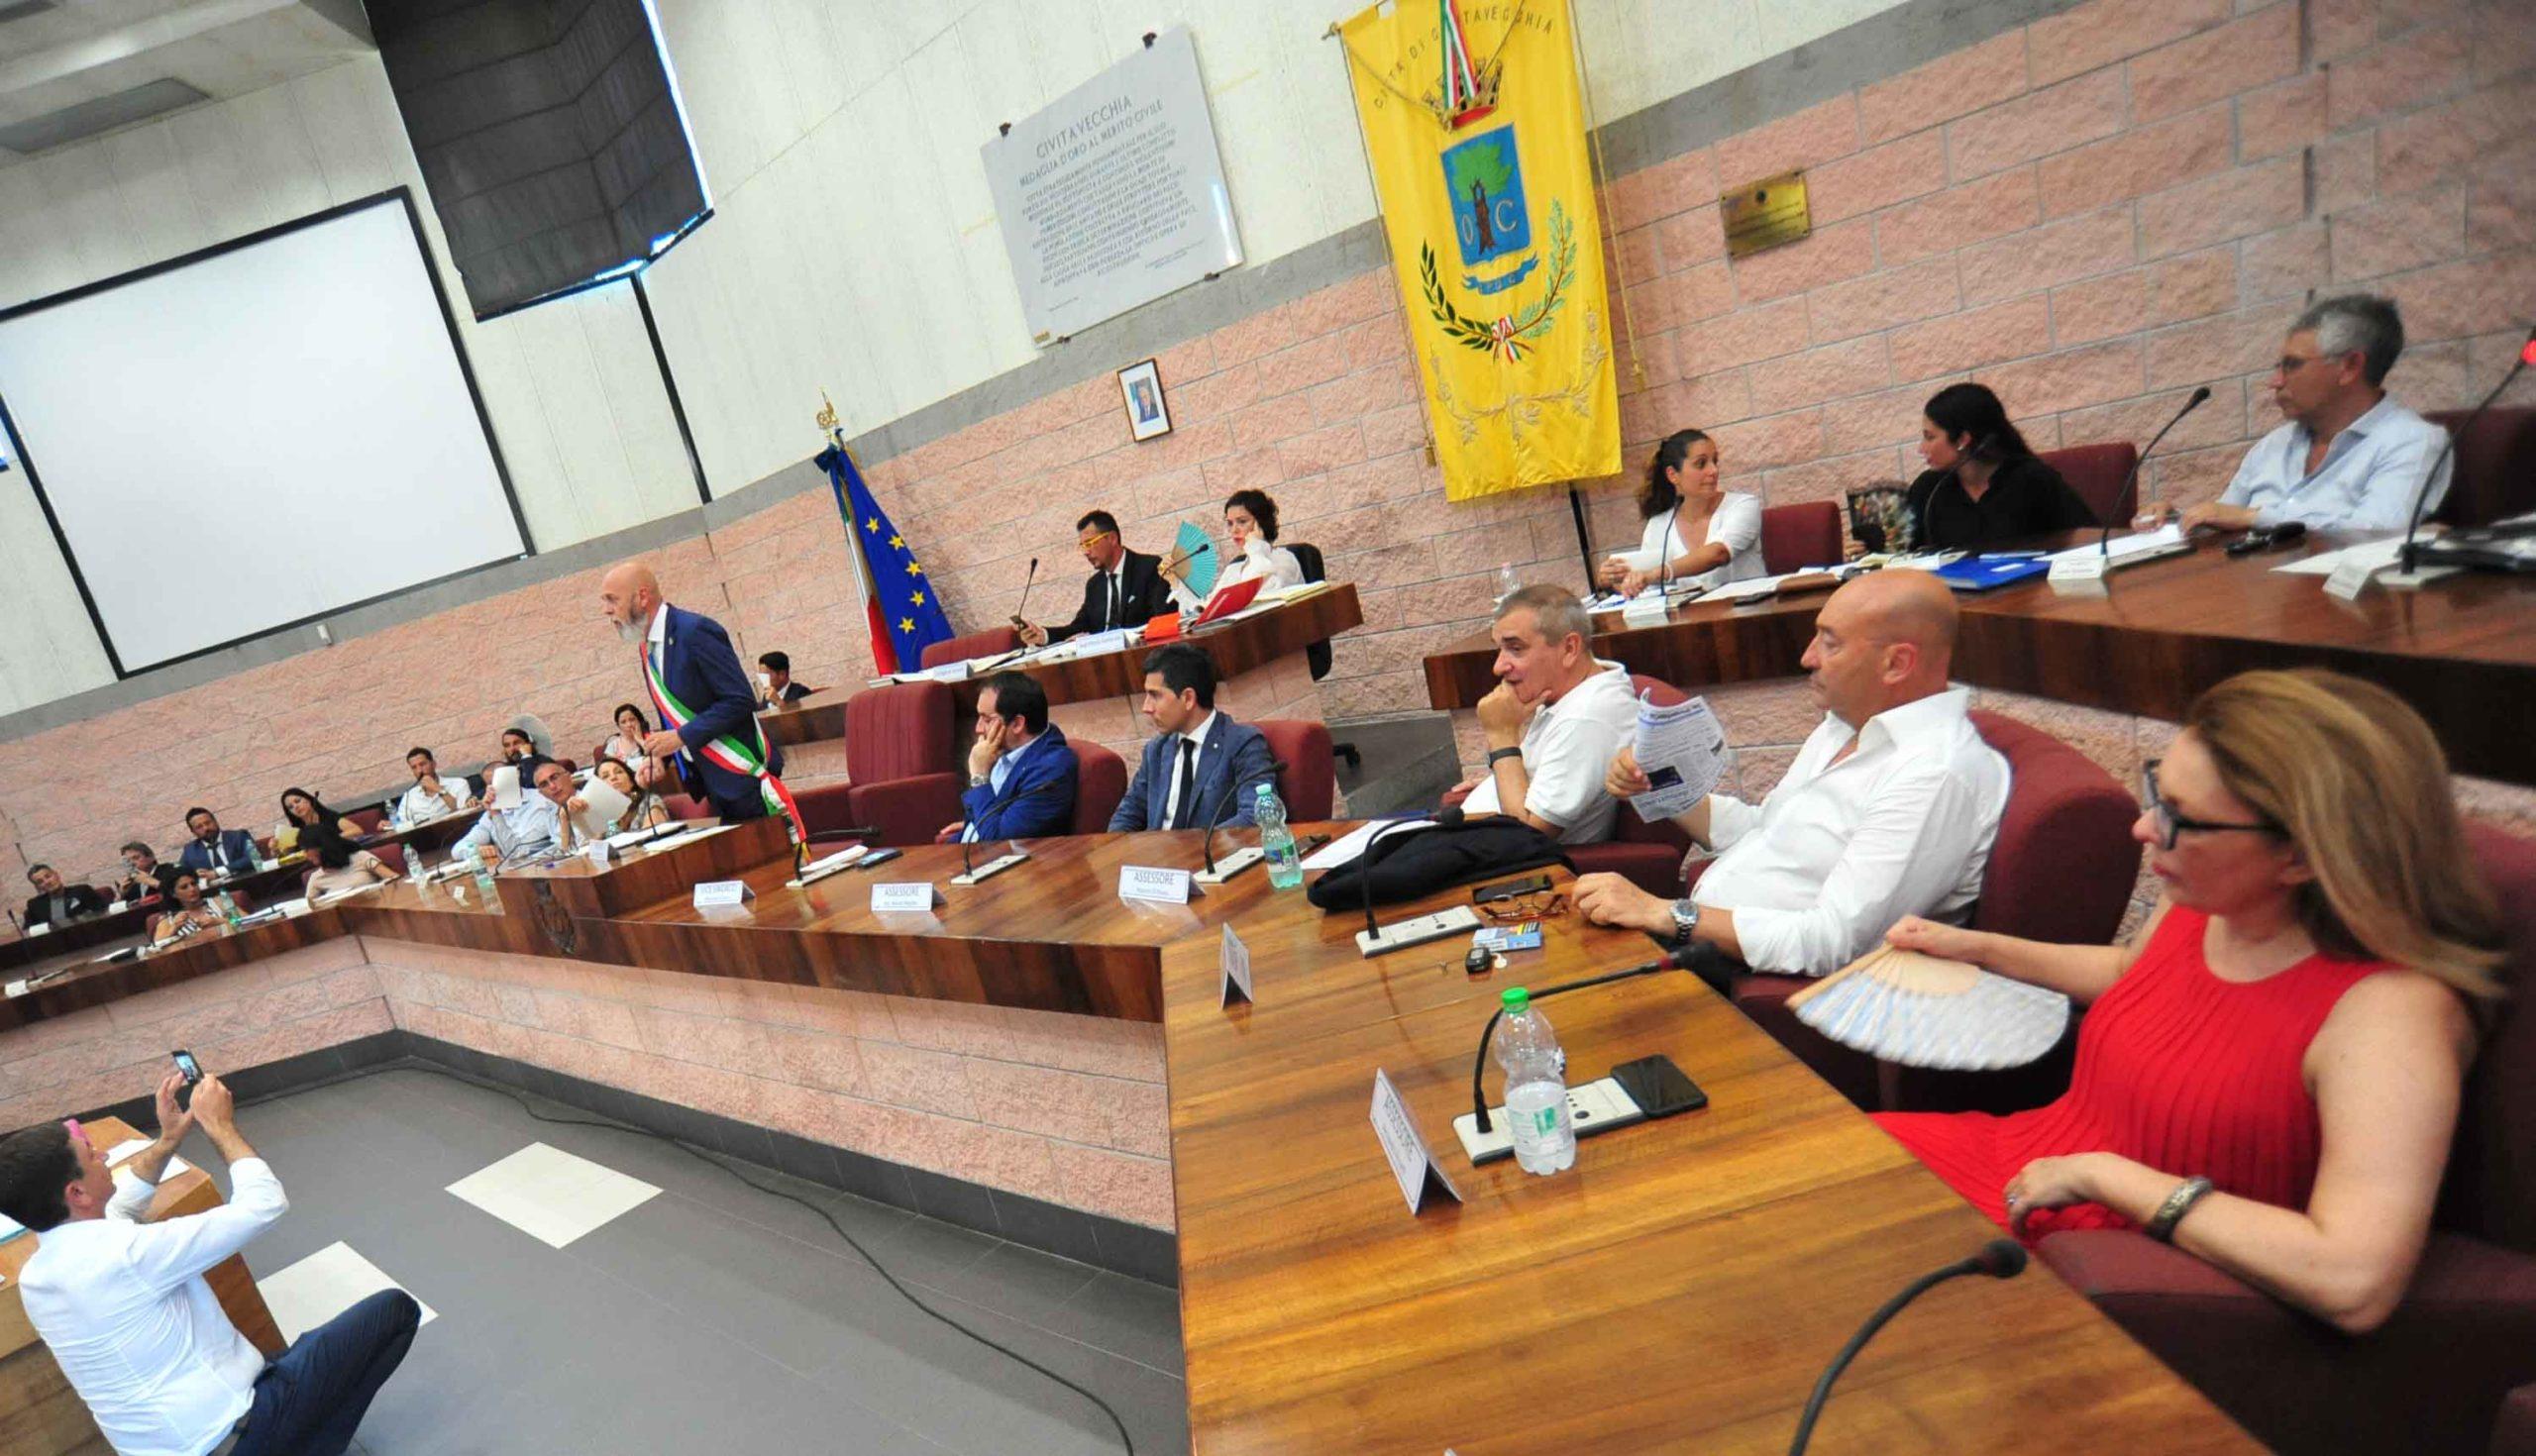 Civitavecchia - Primo consiglio comunale e prime surroghe. Serpa ...